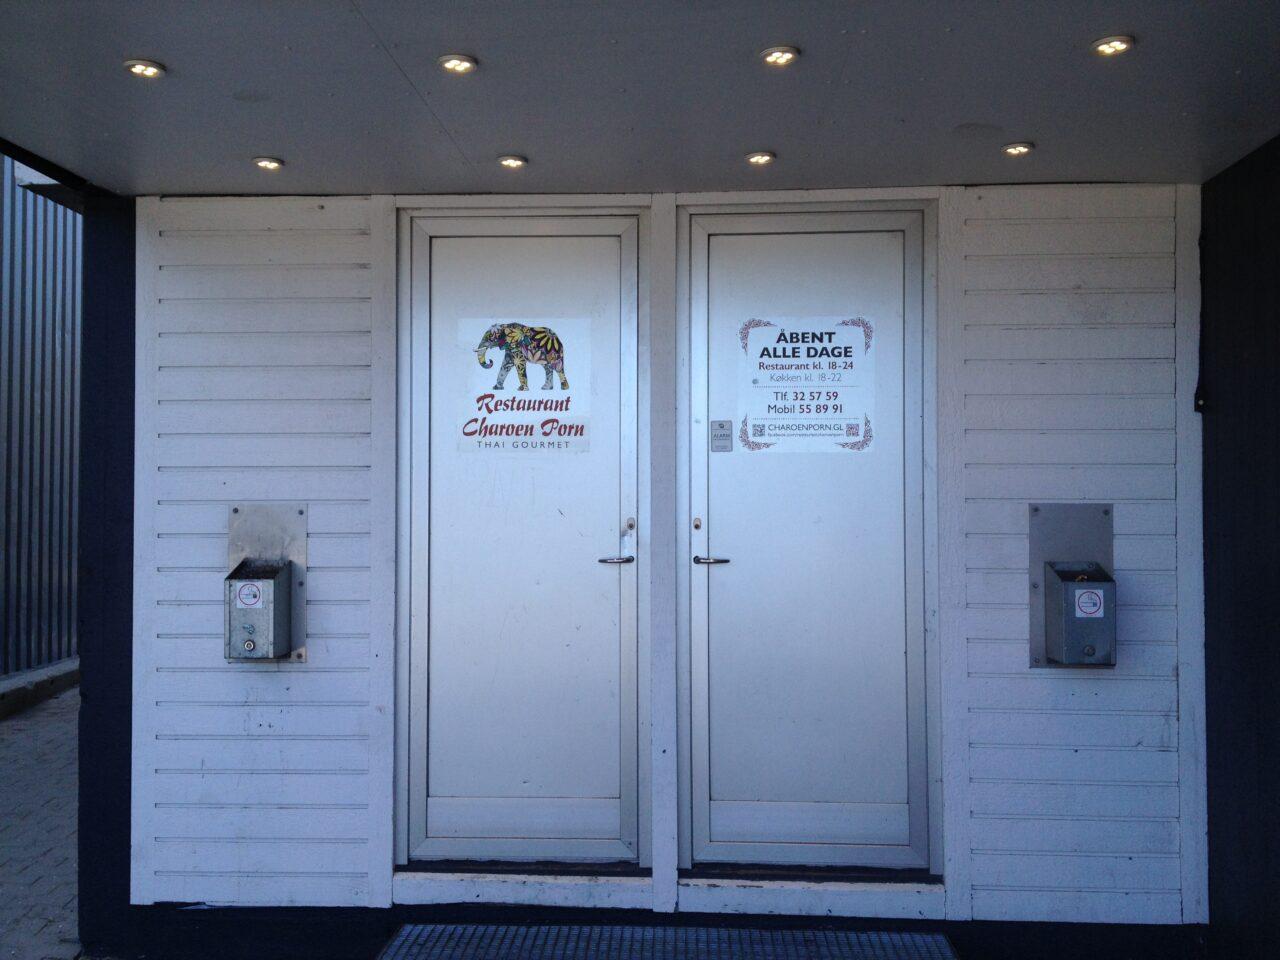 Restaurant Charoen Porn facade skilt